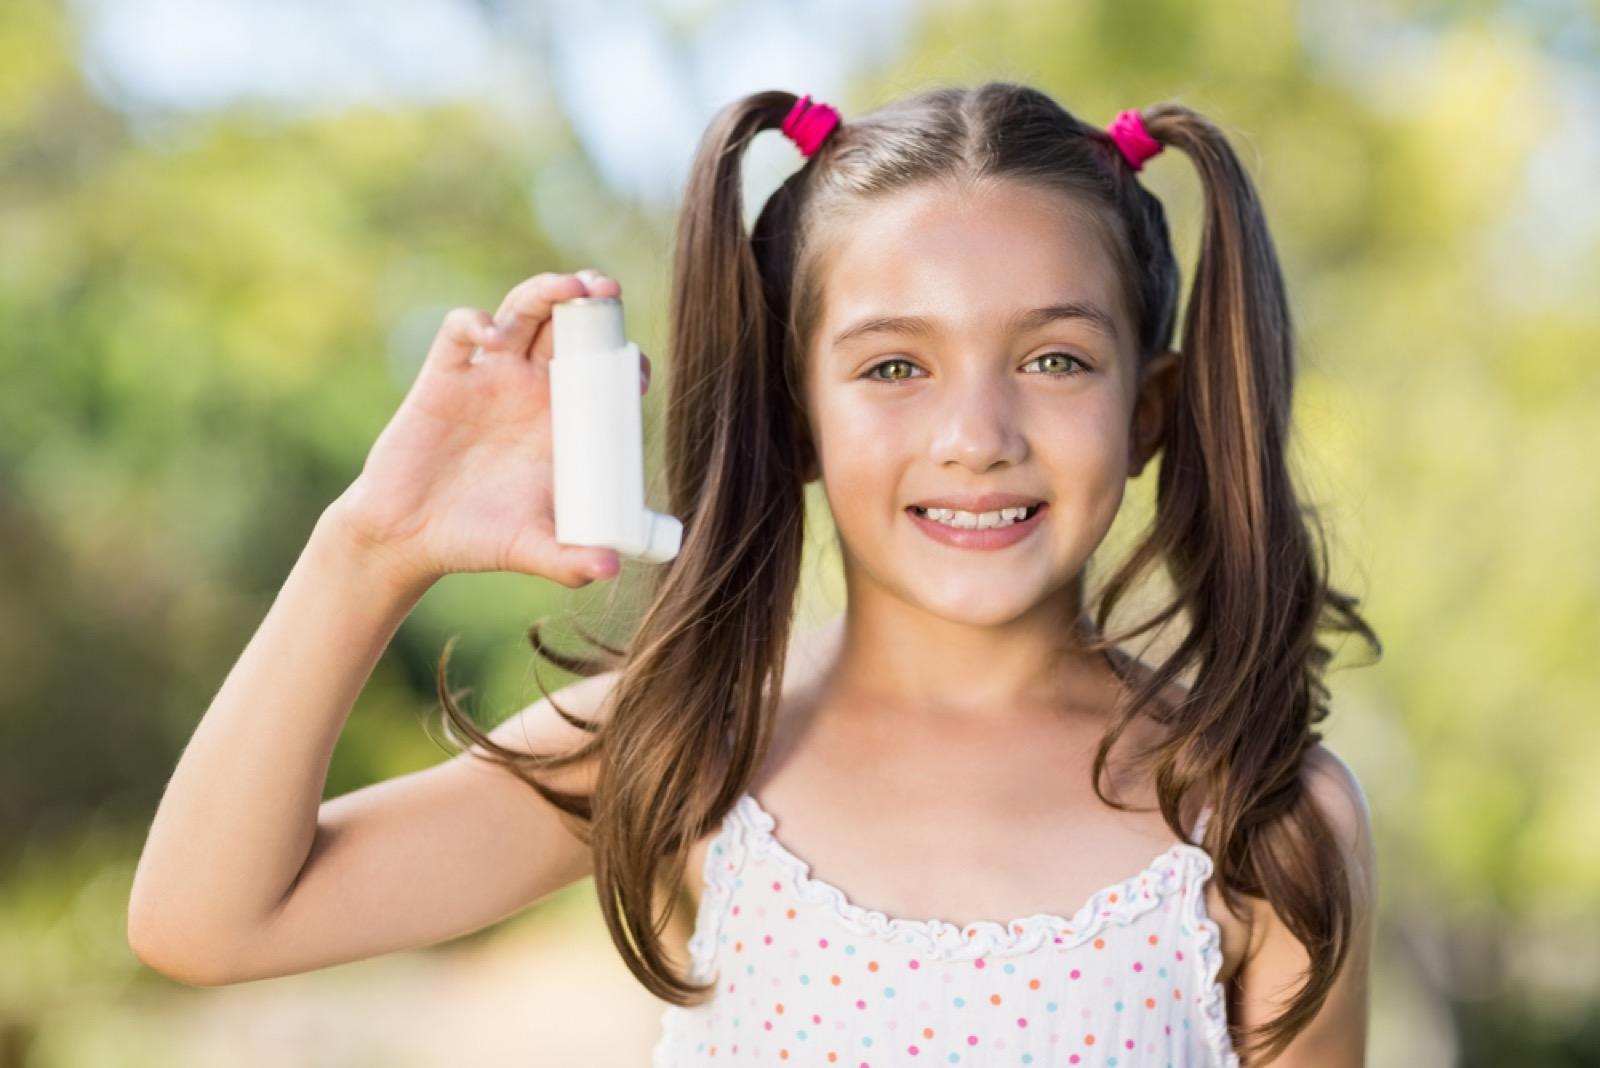 Βιταμίνη D και Παιδικό Άσθμα